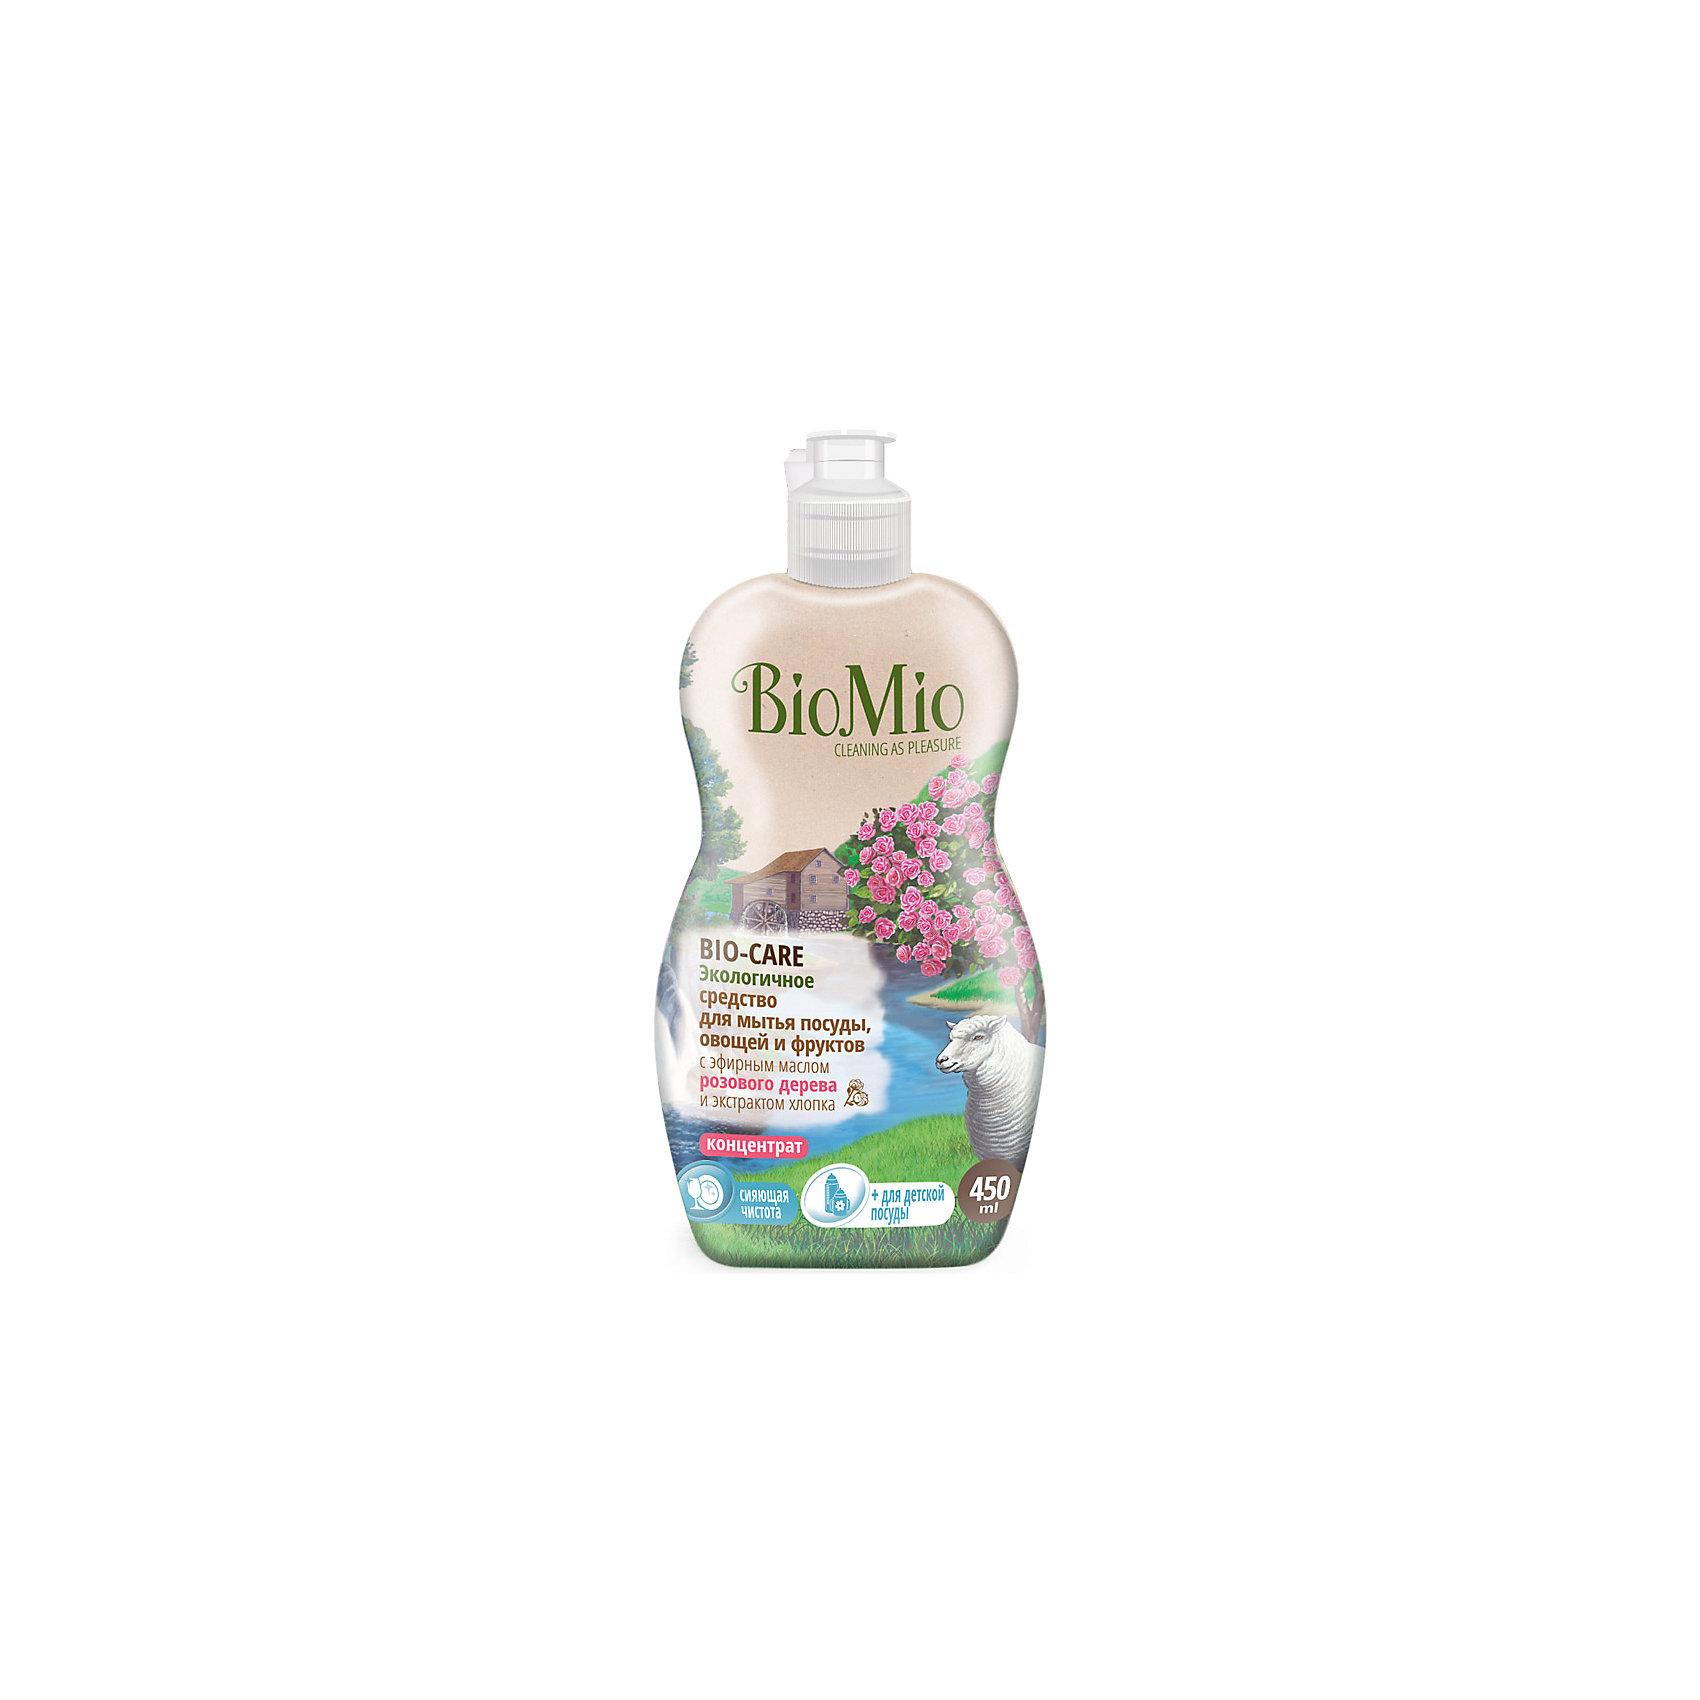 Экологичное средство для мытья посуды, овощей и фруктов с маслом вербены, BIO MIOЭкологичное средство для мытья посуды, овощей и фруктов с маслом вербены, от известного бренда из Дании BIO MIO (Био Мио). Впустите атмосферу безопасной чистоты в ваш дом! Это средство имеет в составе эфирное масло вербены и хорошо справляется с остатками пищи и загрязнениями, не оставляя разводов и уничтожая микробы, благодаря антибактериальной формуле. Концентрированная формула позволит использовать стандартную бутылочку объема 450 мл. дольше обычного. Гиппоалергенный, РH нейтральный, не имеет в составе небезопасных веществ и искусственных добавок. Экстракт хлопка оказывает благотворное воздействие и оберегает руки, сохраняя их нежность. Этим средством рекомендовано пользоваться с первых дней малыша. Датское качество отвечает европейским стандартам и осуществляет безопасную заботу о детях и планете.<br>Дополнительная информация:<br><br>- Объем: 450 мл. <br>- Не содержит искусственные ароматизаторы и красители, агрессивные ПАВ, нефтепродукты, PEG, фосфаты, хлор, SLS/SLES.<br><br>Экологичное средство для мытья посуды, овощей и фруктов с маслом вербены, BIO MIO (Био Мио) можно купить в нашем интернет-магазине.<br>Подробнее:<br>• Для детей в возрасте: от 0 лет<br>• Номер товара: 5008293 <br>Страна производитель: Дания<br><br>Ширина мм: 300<br>Глубина мм: 100<br>Высота мм: 50<br>Вес г: 500<br>Возраст от месяцев: 0<br>Возраст до месяцев: 36<br>Пол: Унисекс<br>Возраст: Детский<br>SKU: 5008293